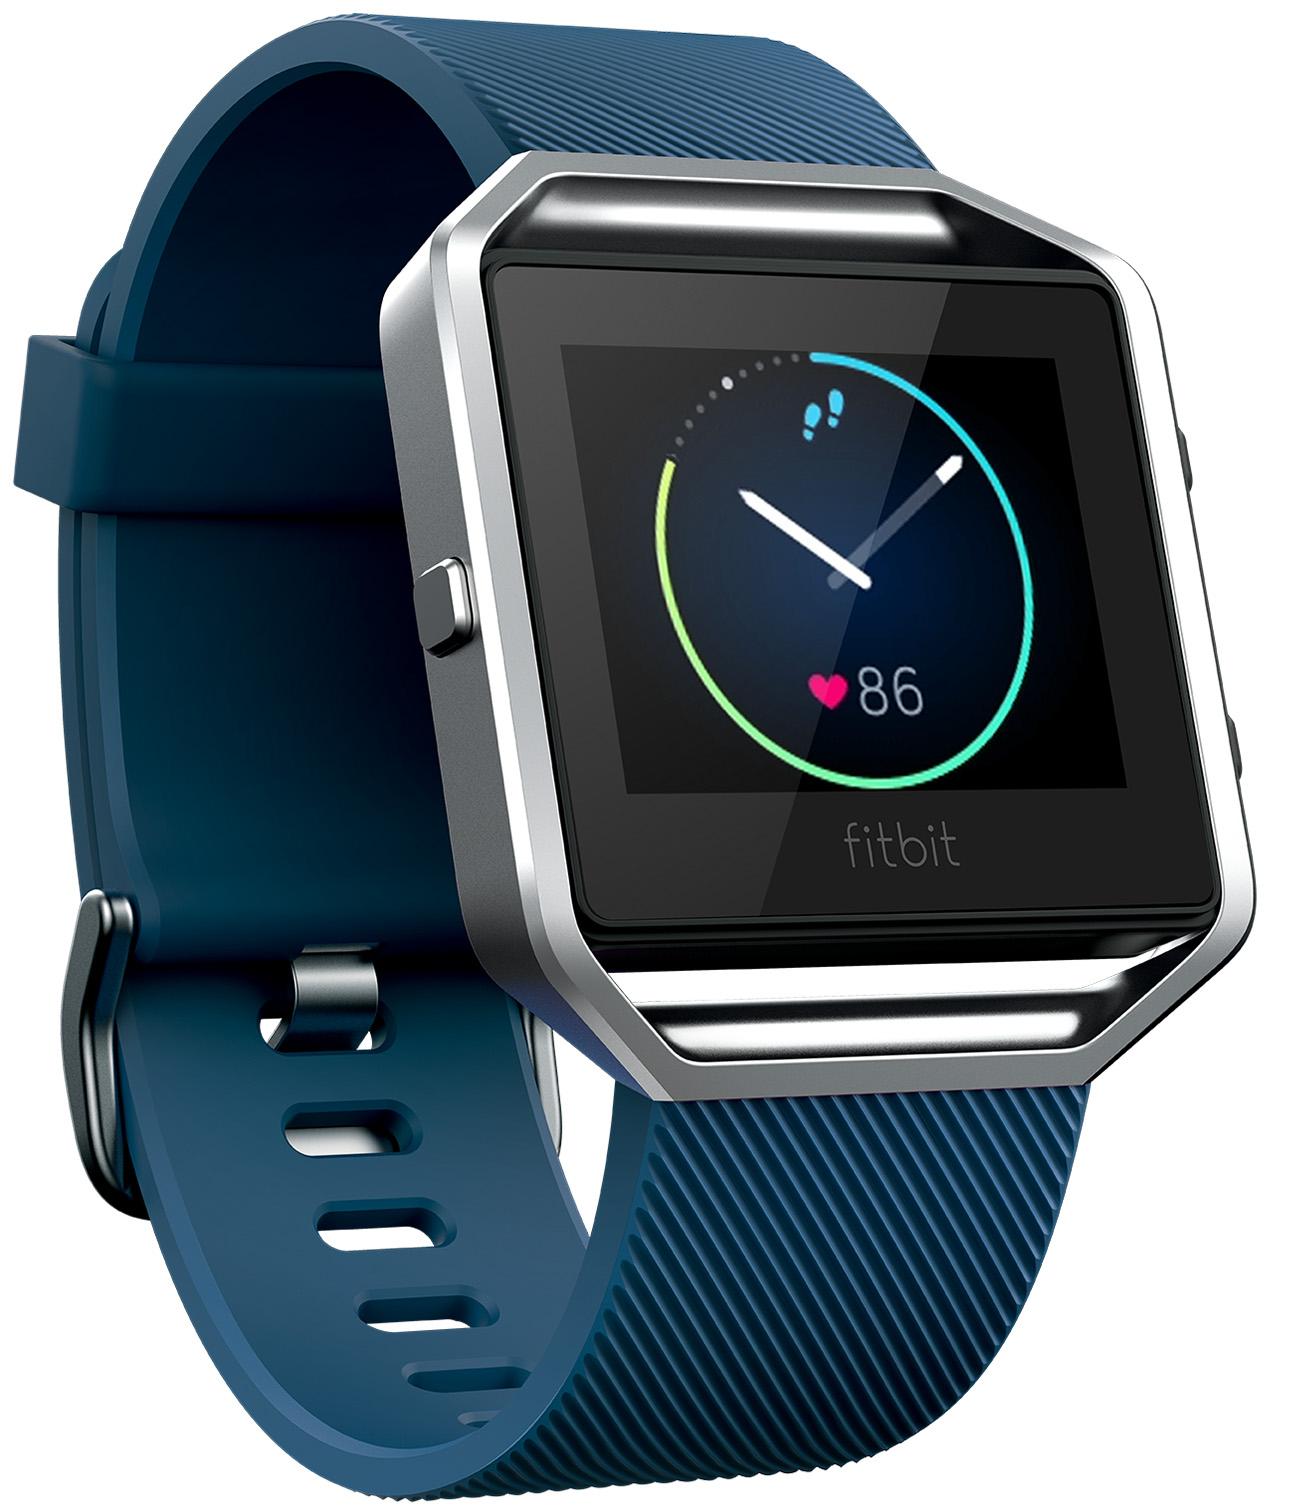 Fitbit Blaze Smart Fitness Watch (Blue) - Large Deal